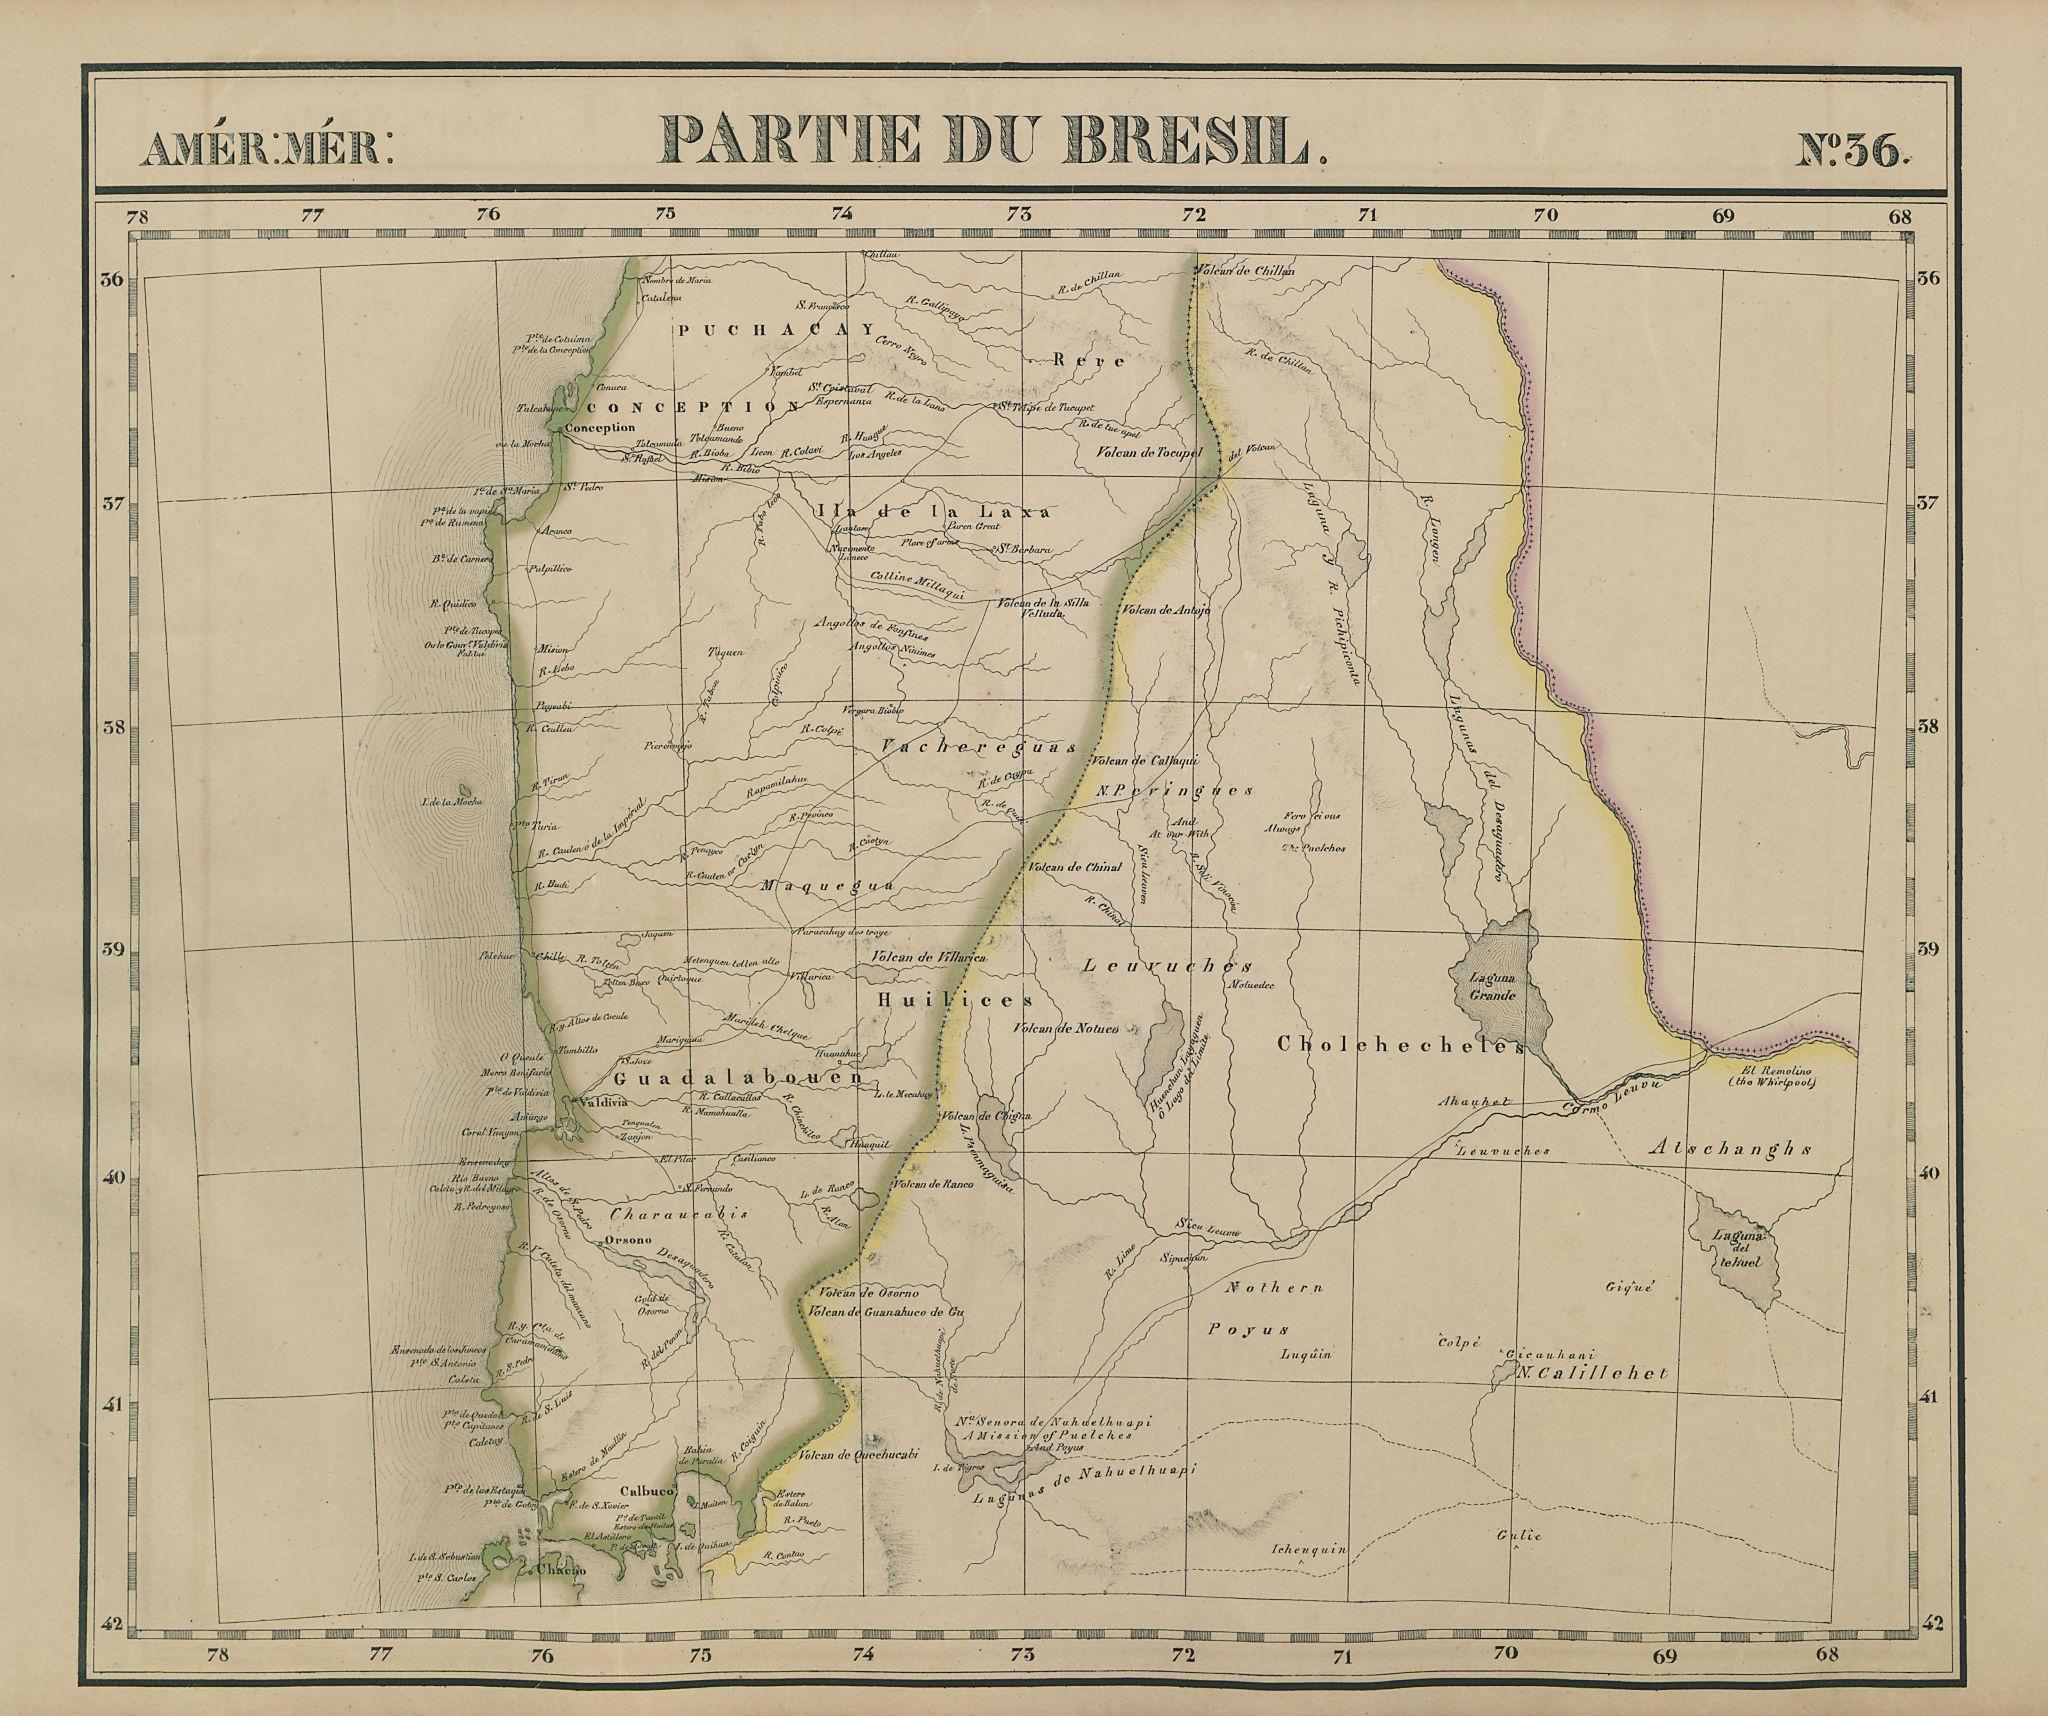 Amér Mér. Brésil #36 Central Chile. West-central Argentina VANDERMAELEN 1827 map